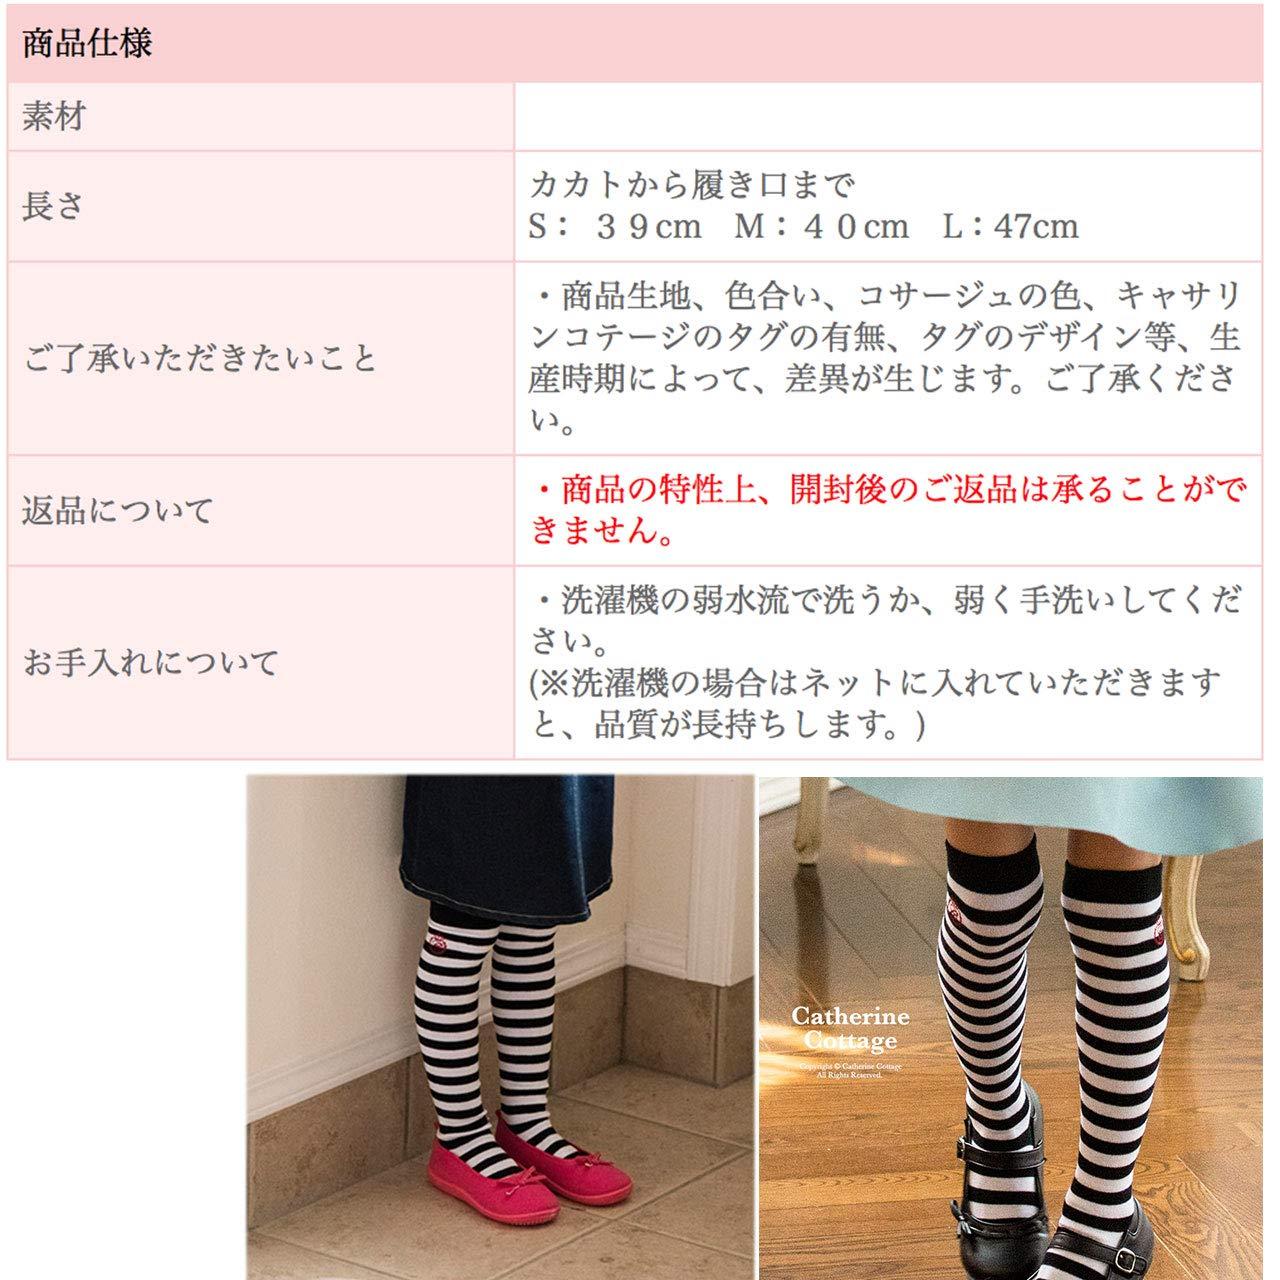 cf397c1ba07e4 Amazon.co.jp: 仮装 コスプレ アリス なりきり 子供靴下 ボーダー ニーハイソックス 子供服 TK6049  服&ファッション小物